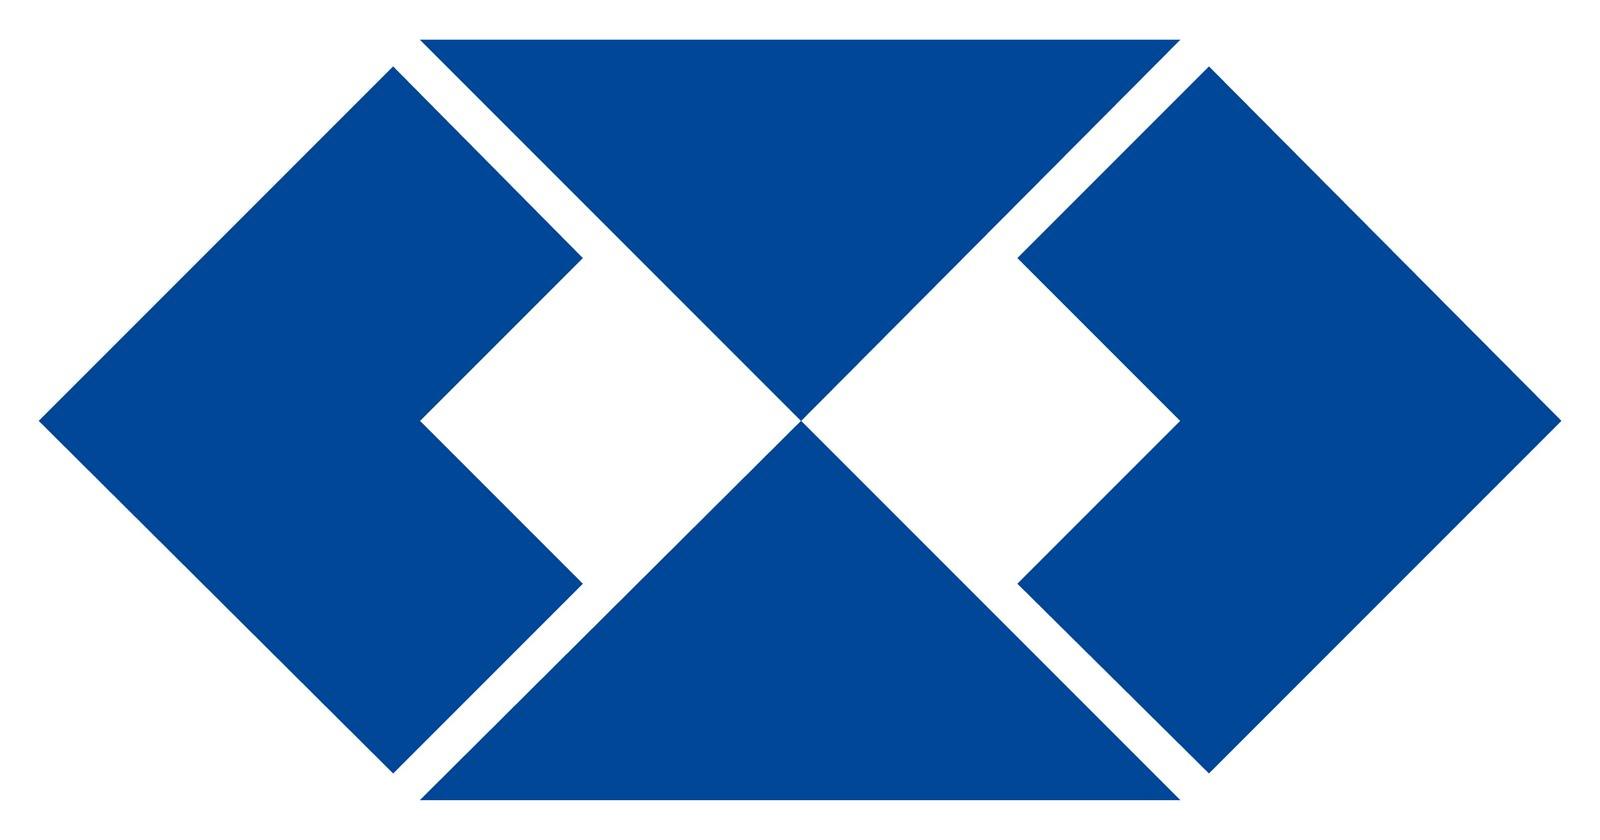 Simbolo da Administração